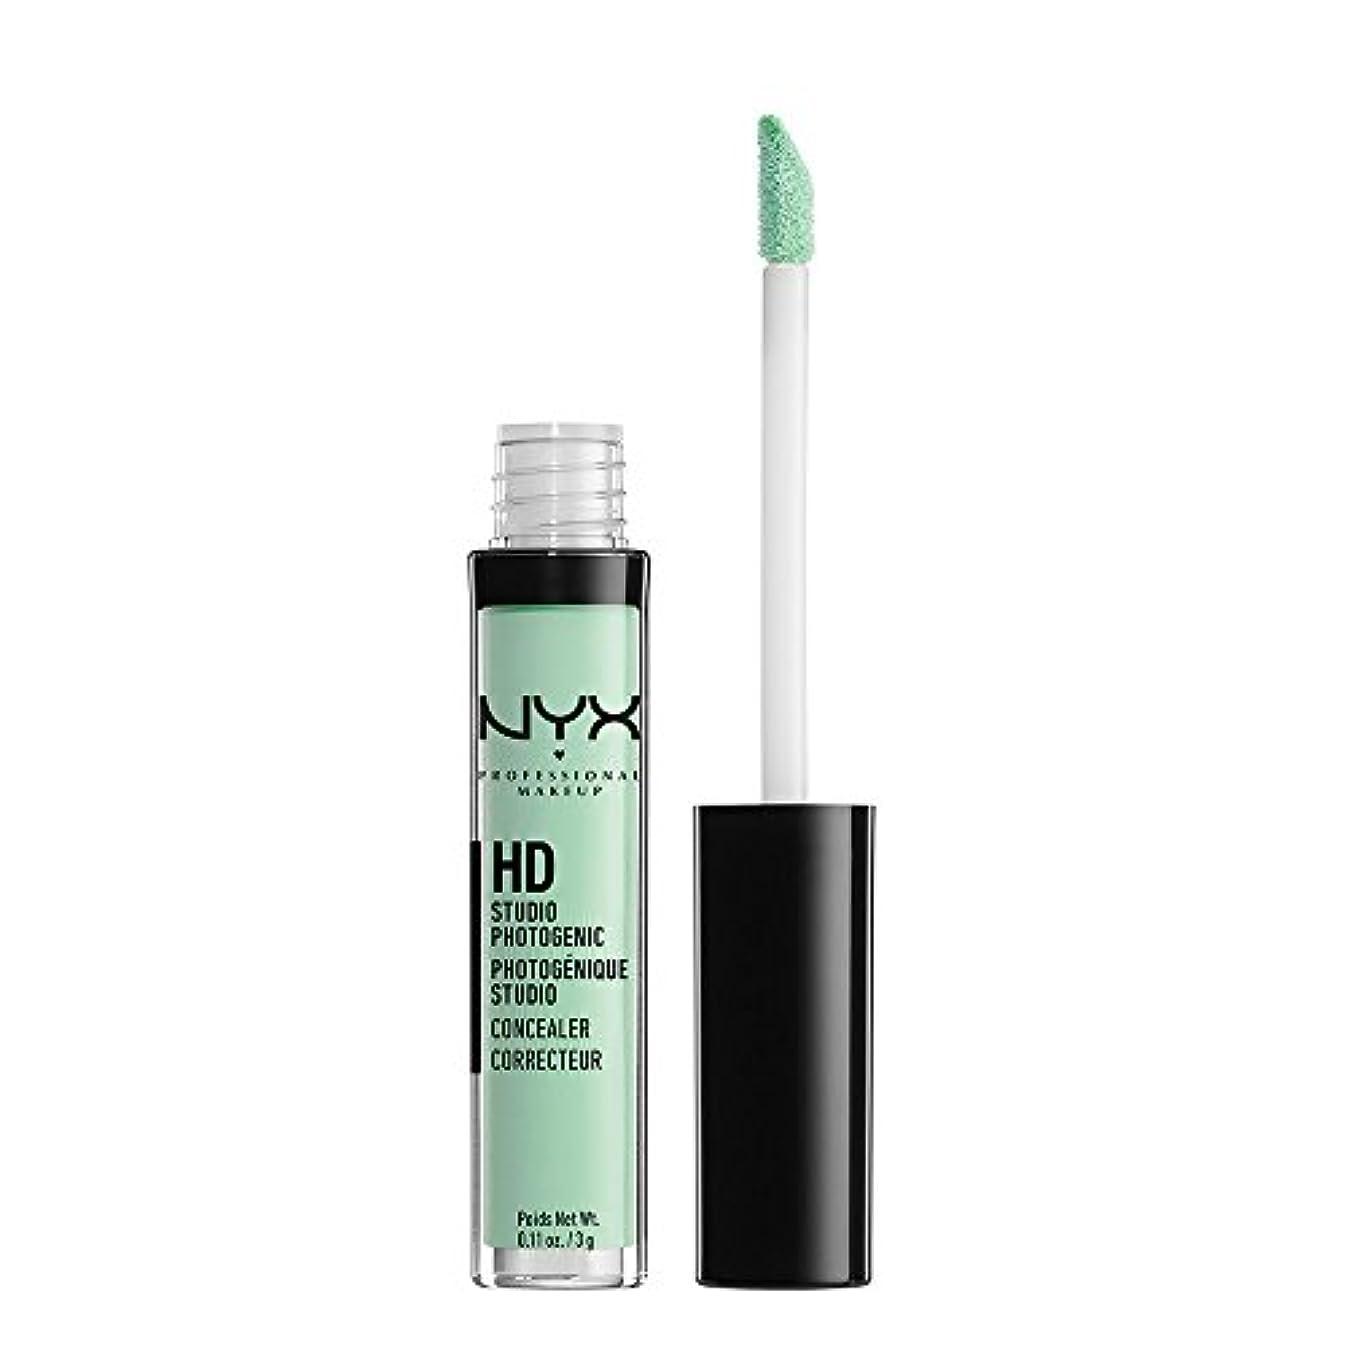 洞察力のあるアーサーコナンドイル親愛なNYX(ニックス) コンシーラー ワンド 12 カラーグリーン